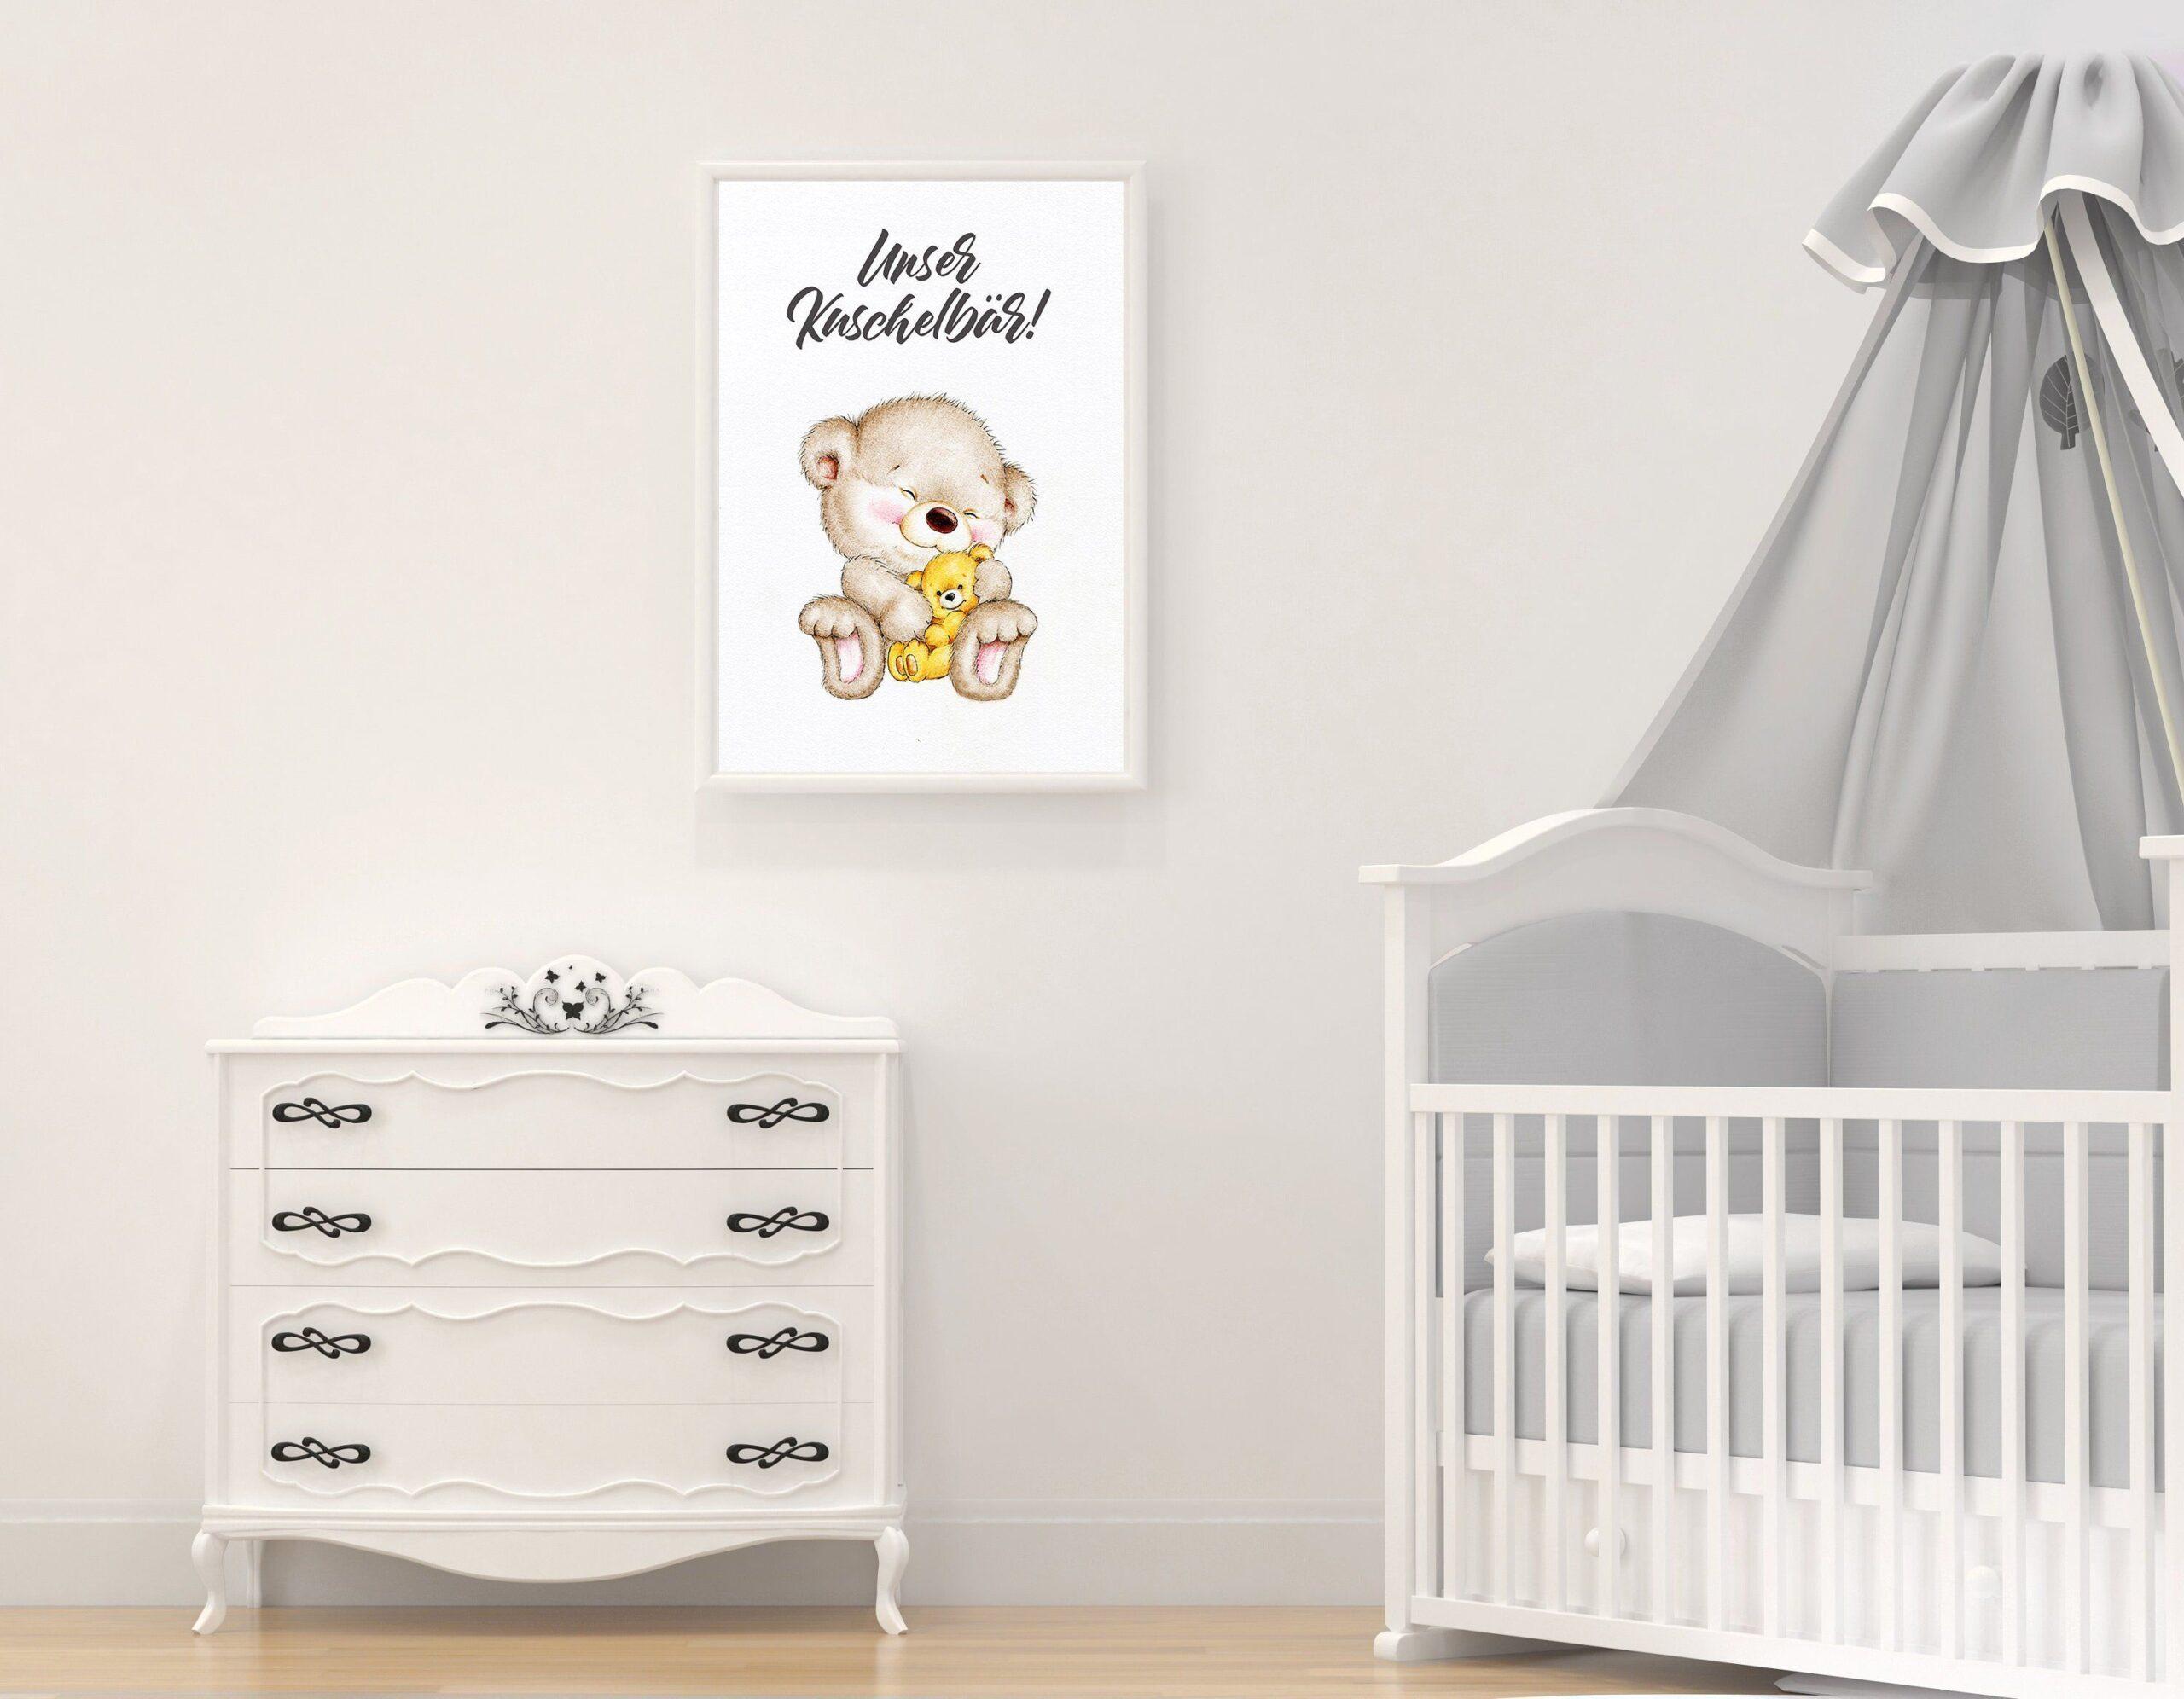 Full Size of Babyzimmer Bild Regal Kinderzimmer Weiß Wandbilder Wohnzimmer Wandbild Sofa Regale Schlafzimmer Kinderzimmer Wandbild Kinderzimmer